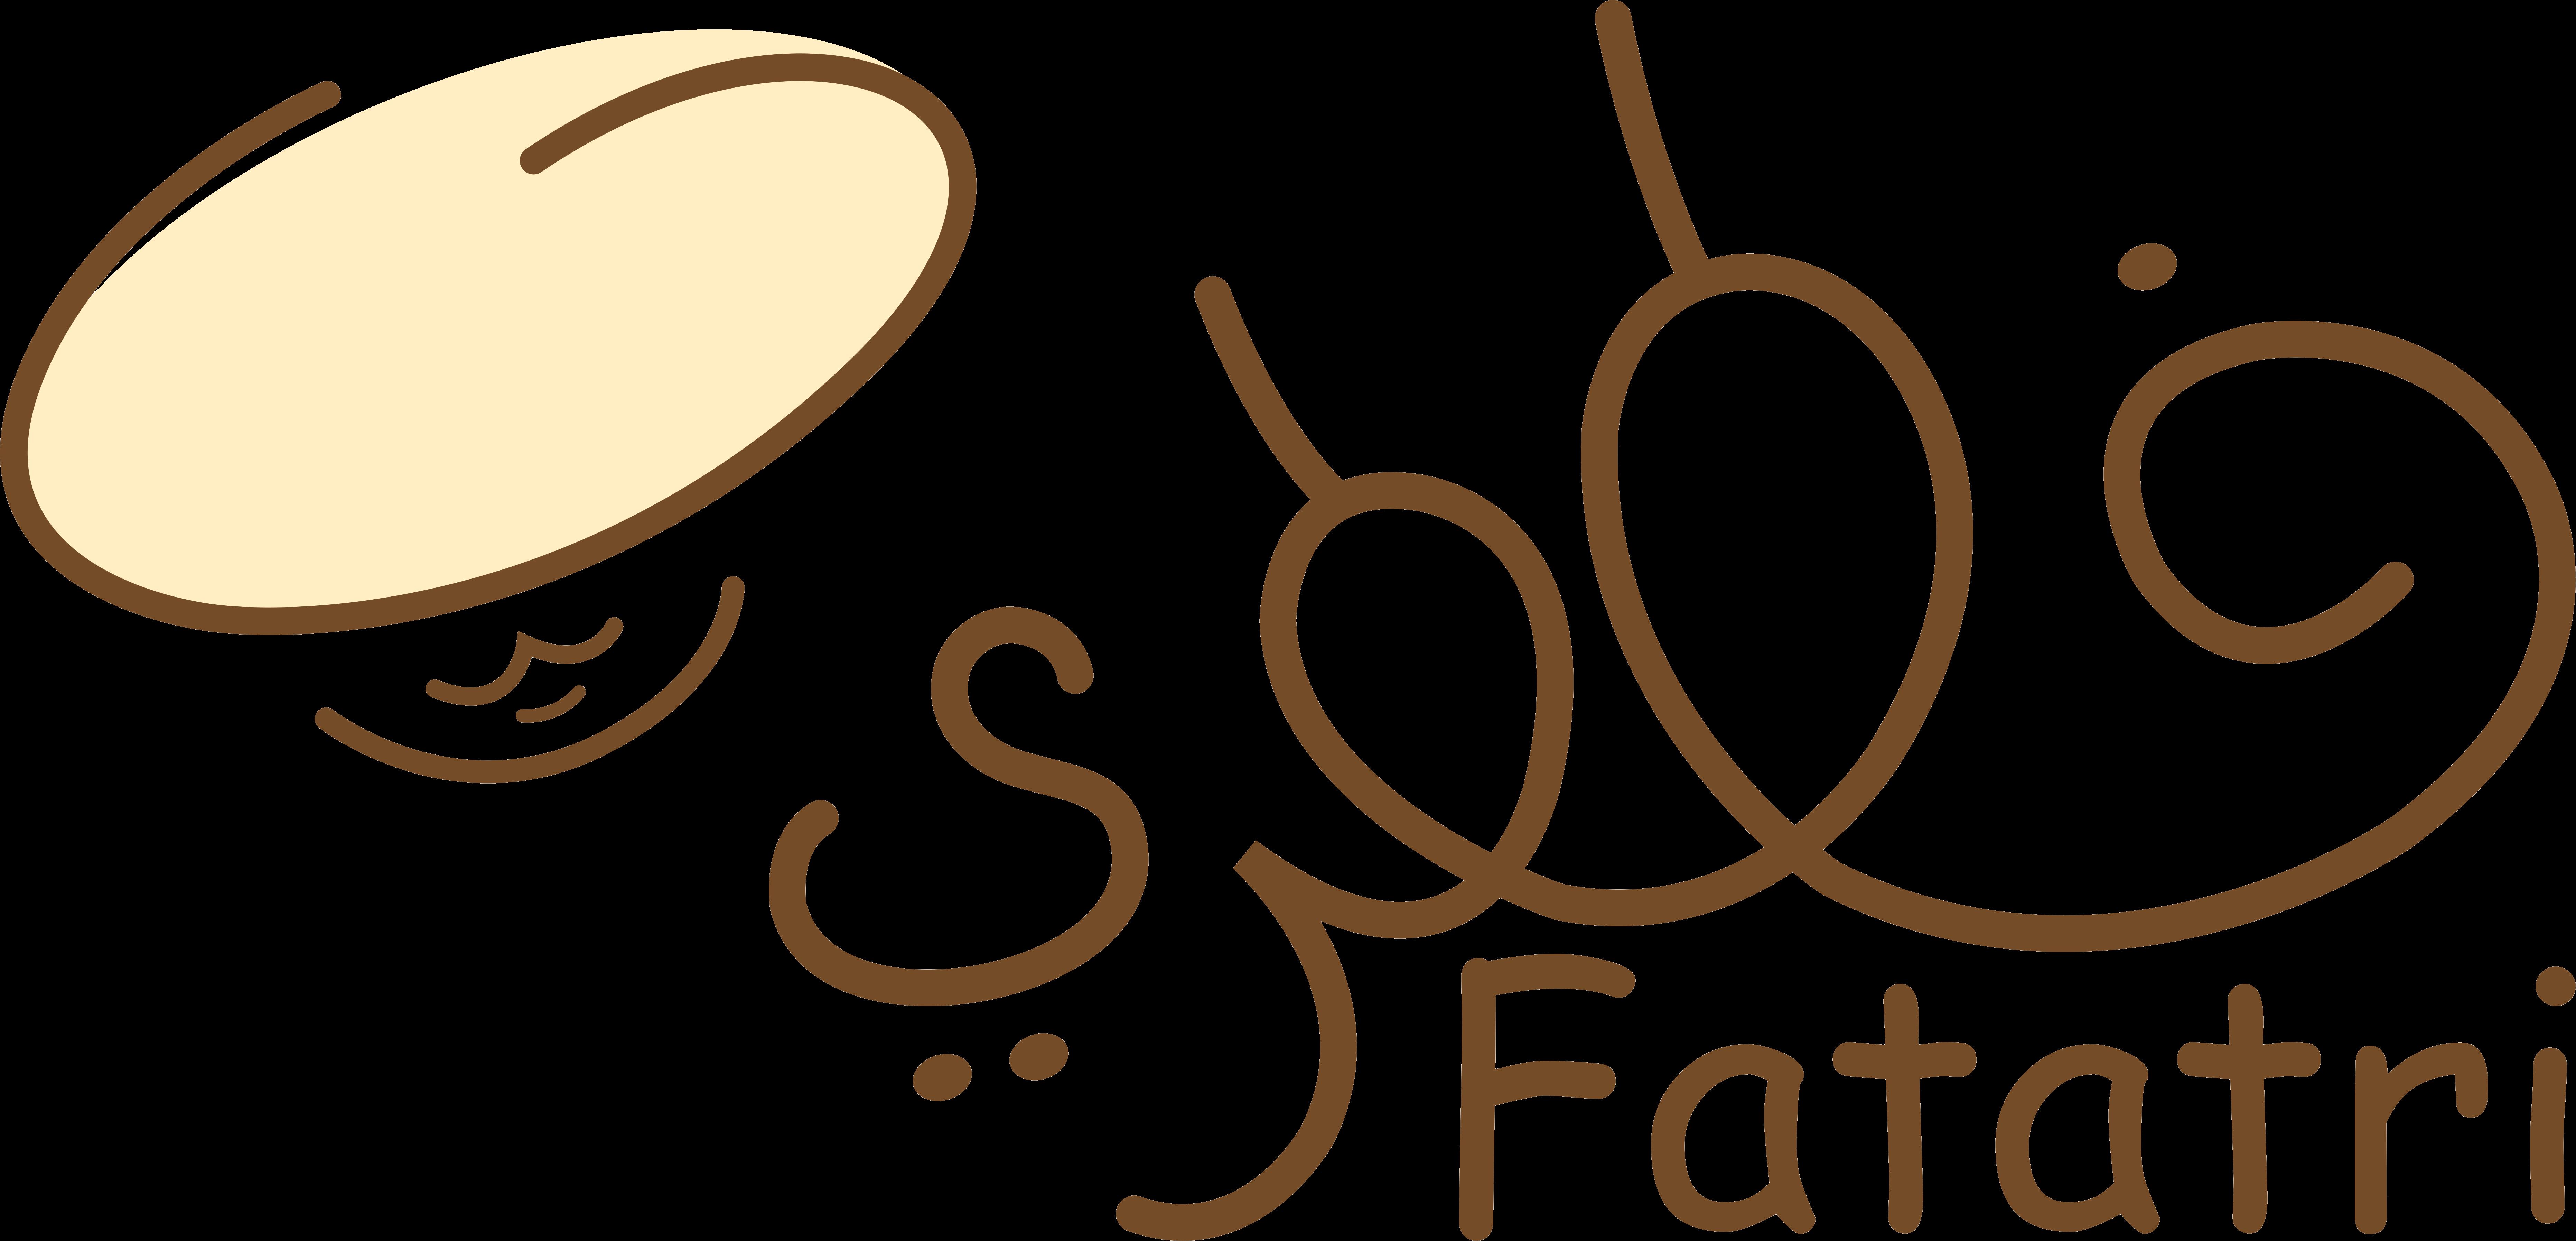 Fatatri Restaurant